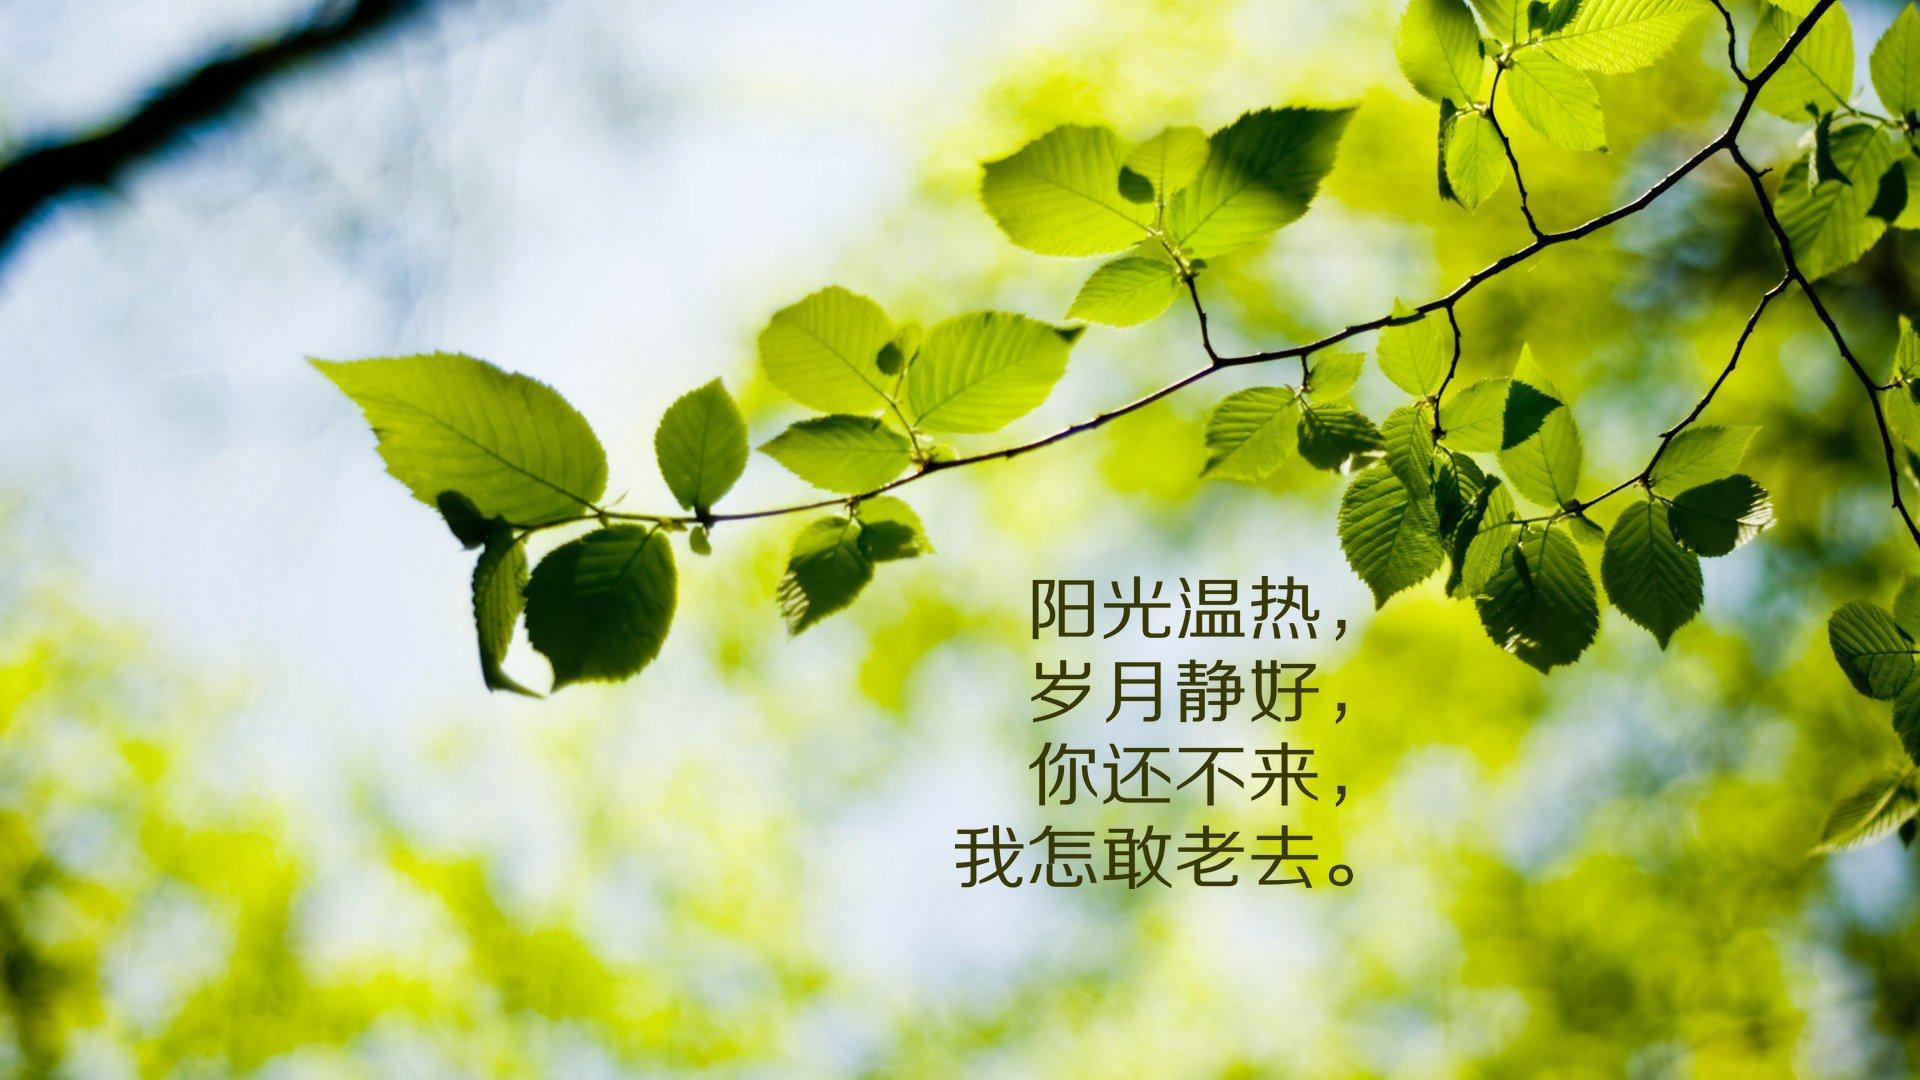 背景 壁纸 绿色 绿叶 树叶 植物 桌面 1920_1080